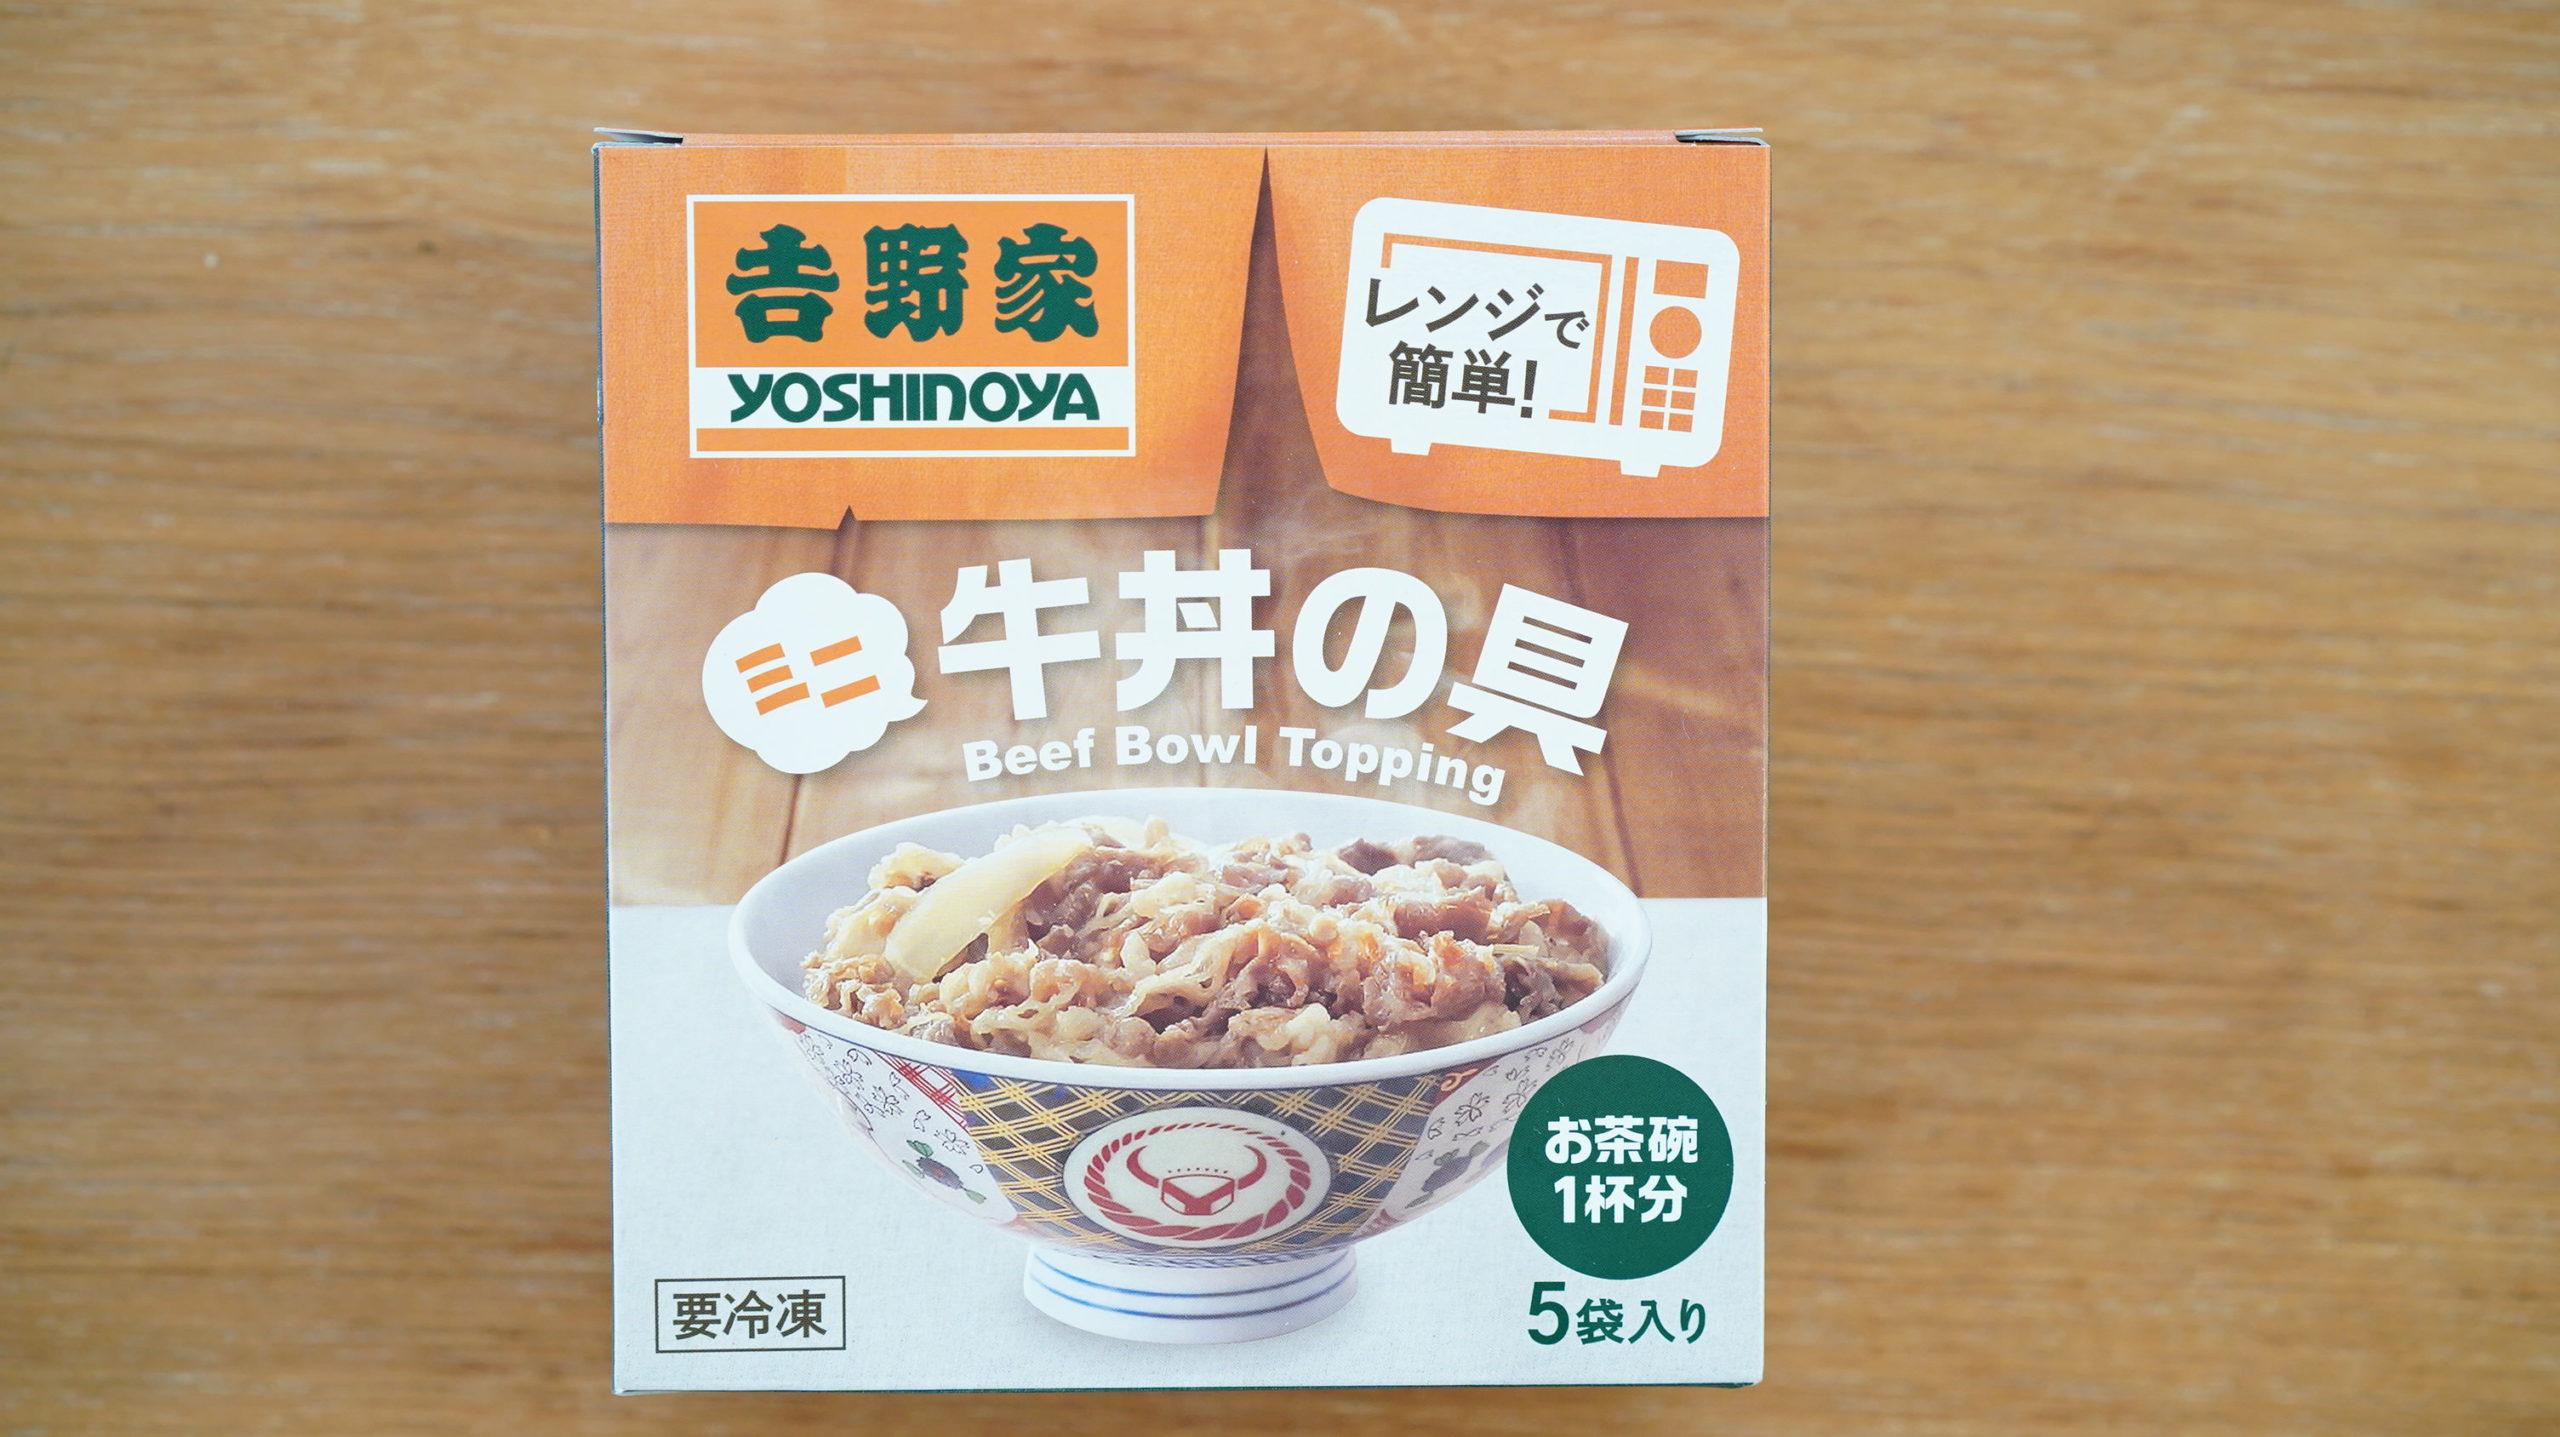 コストコのおすすめ冷凍食品「吉野家のミニ牛丼の具」のパッケージ写真